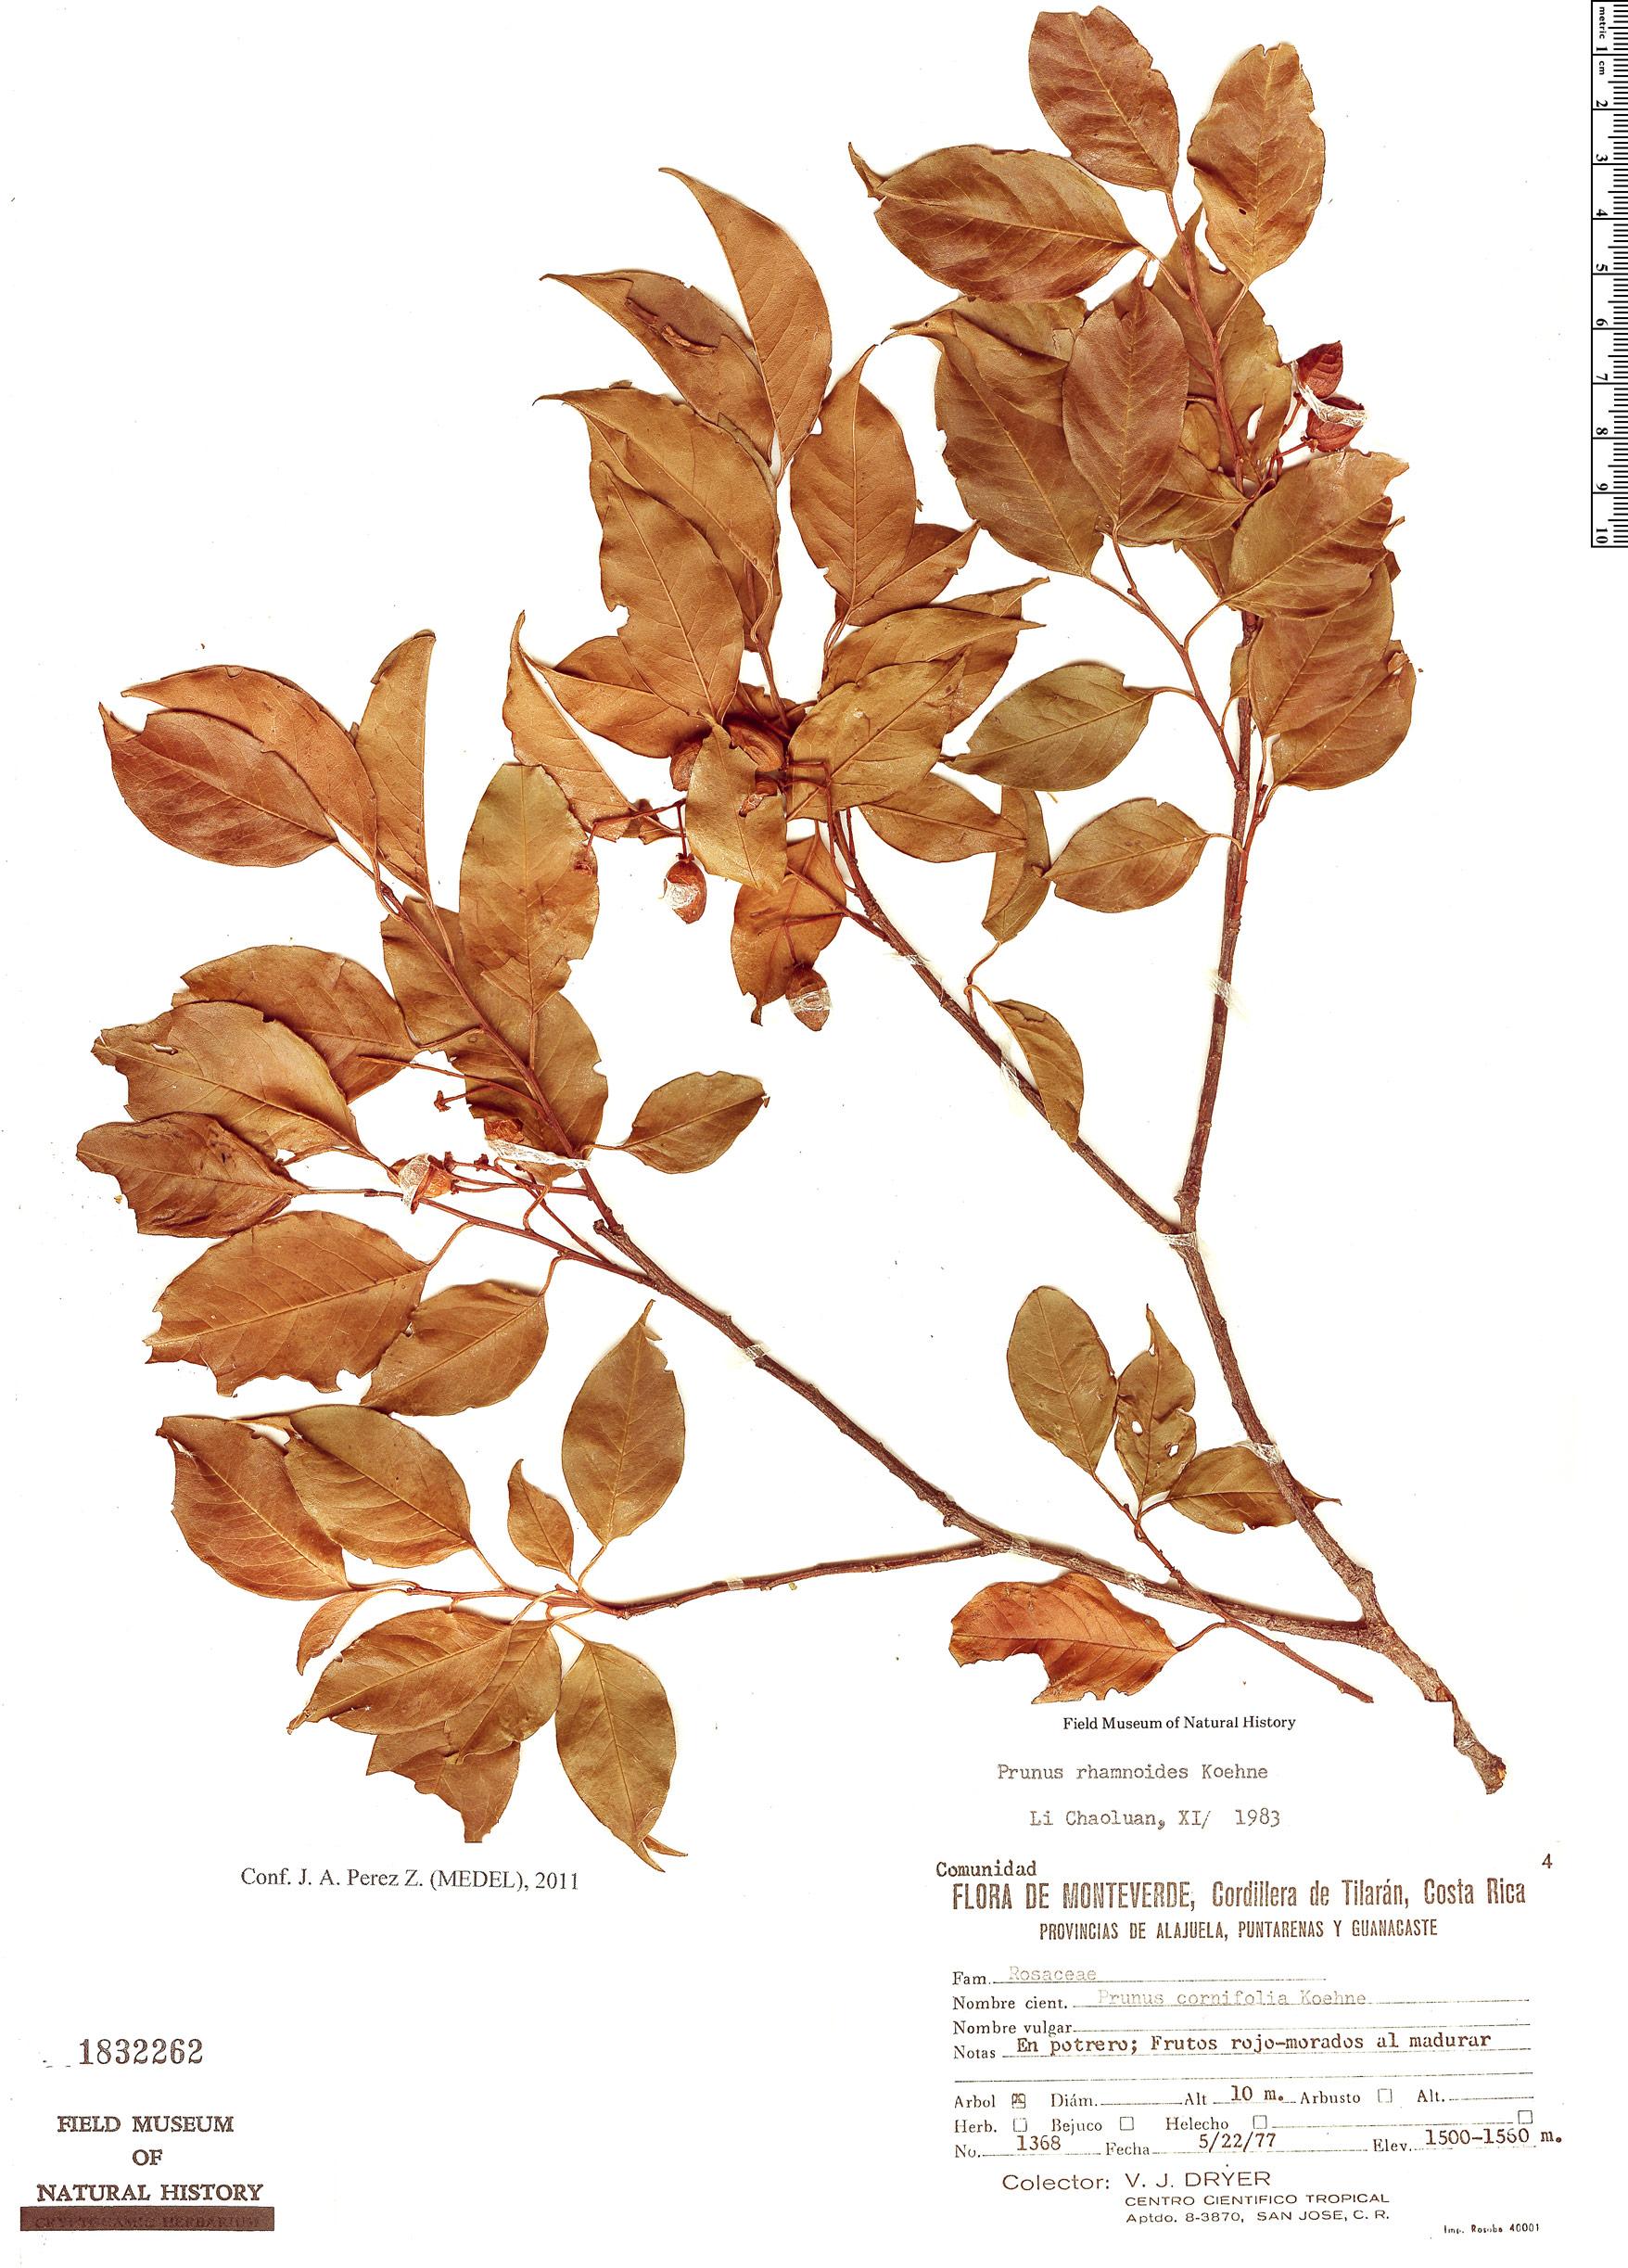 Specimen: Prunus rhamnoides